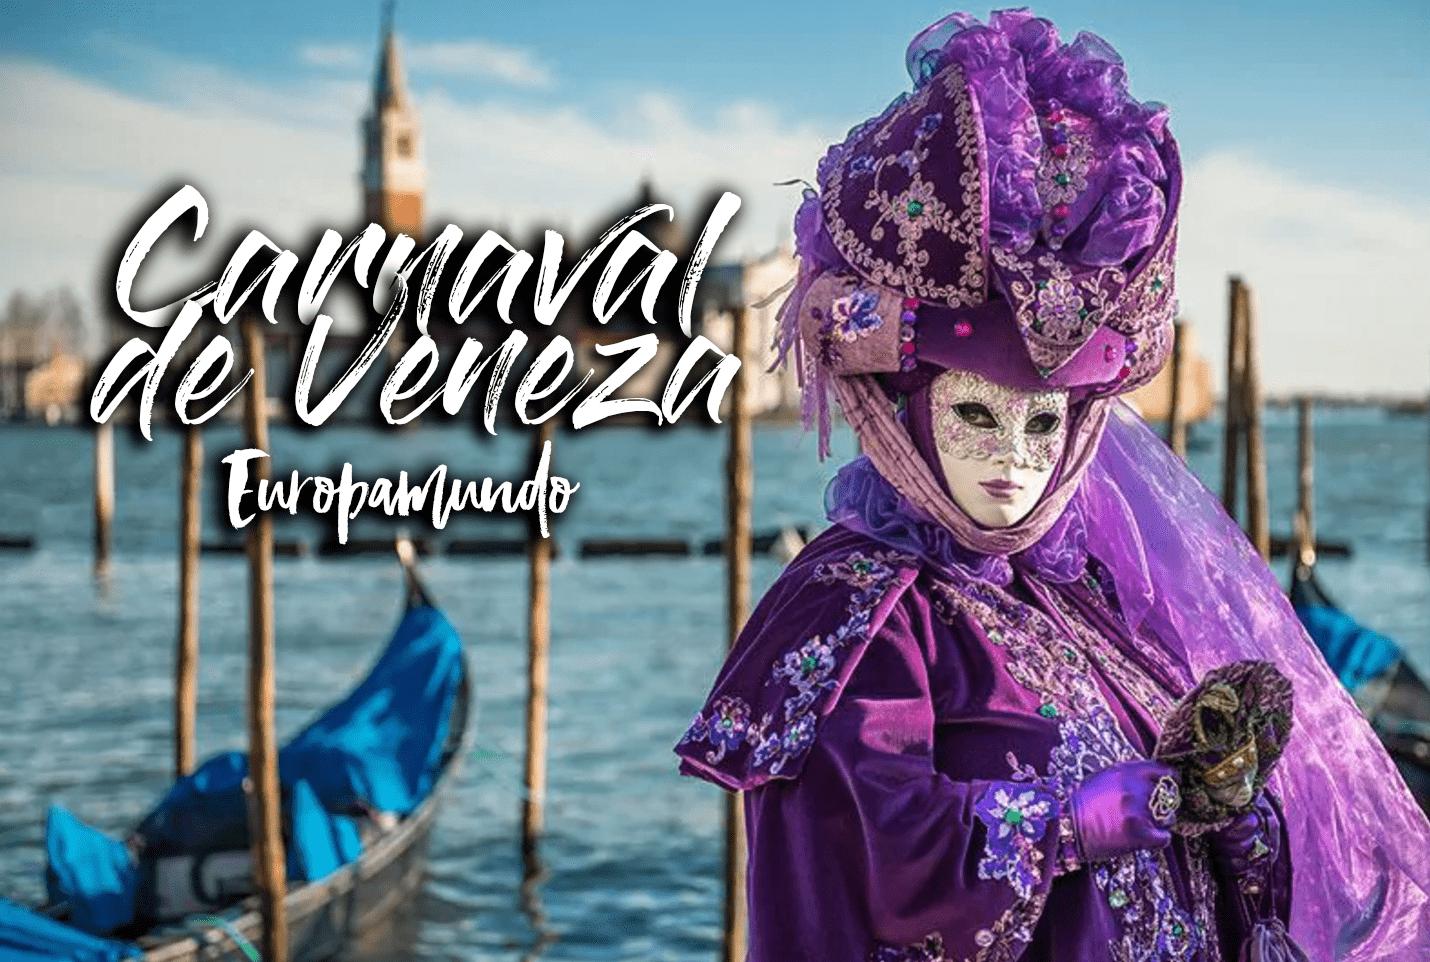 Carnaval em Veneza: Uma experiência mágica